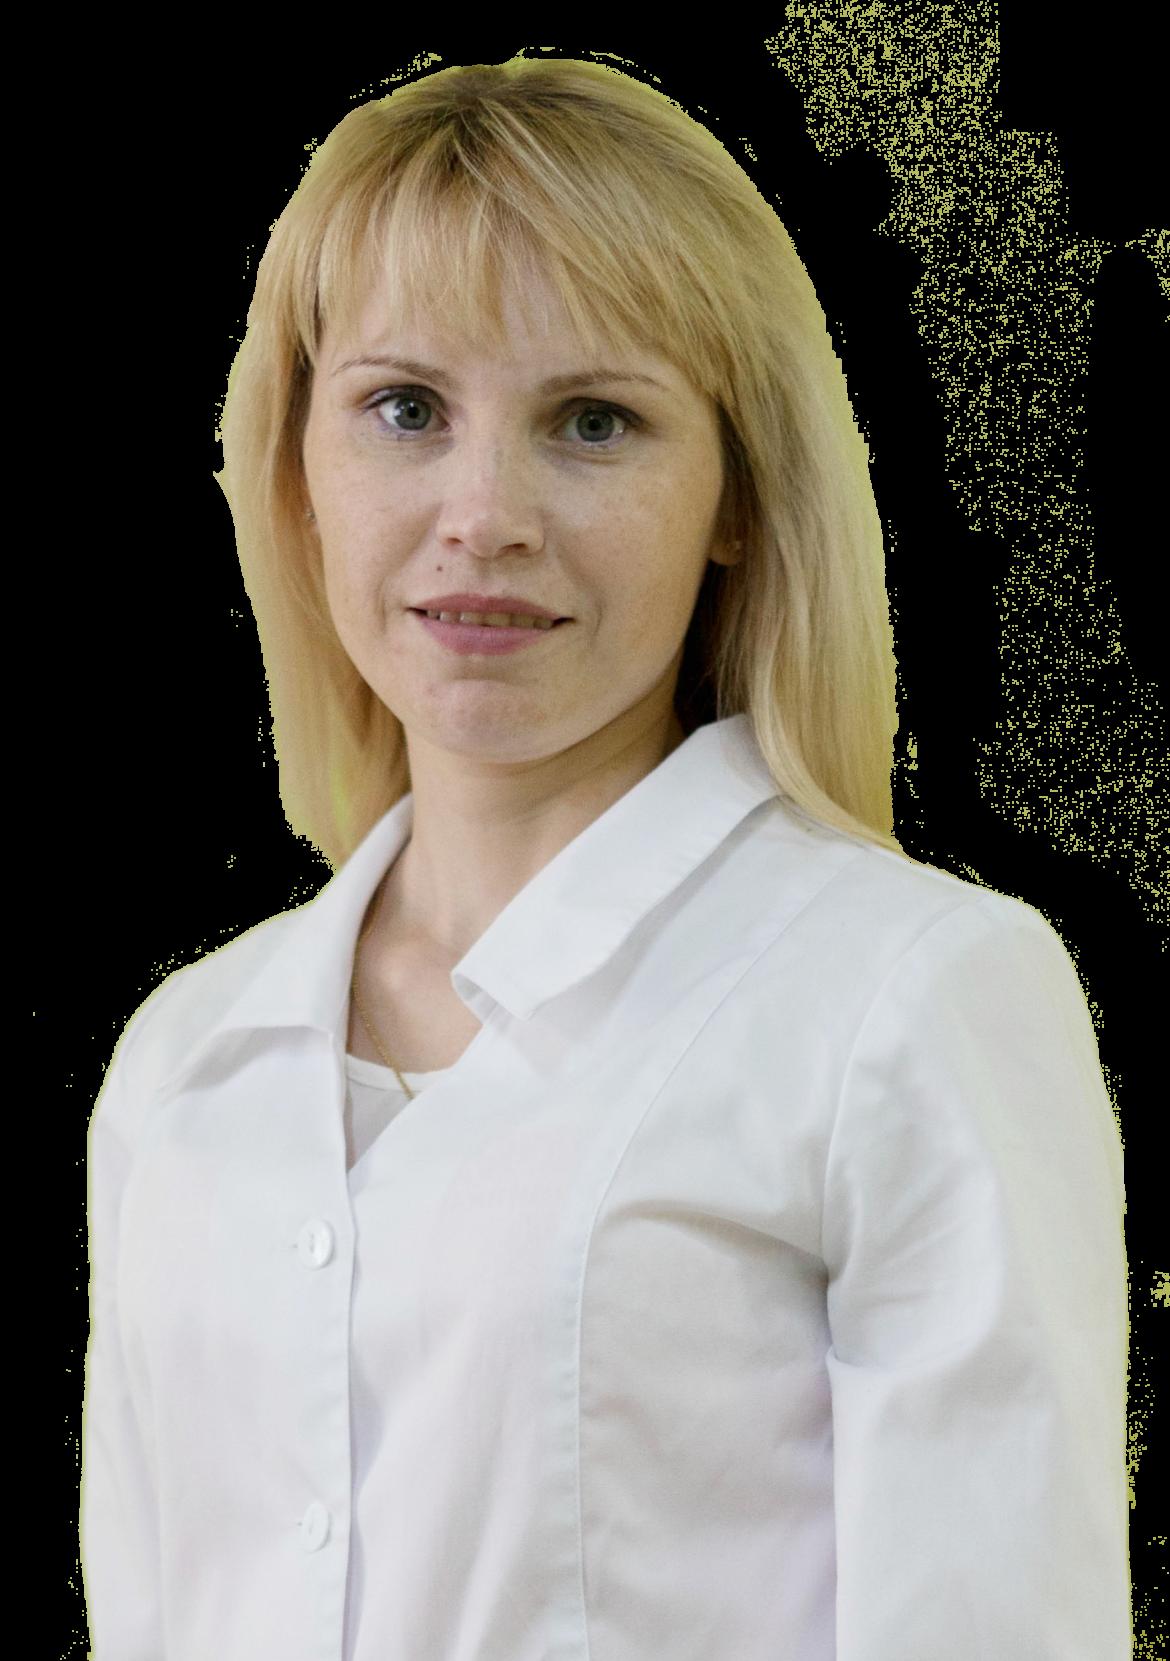 Трофимова Ирина Динифовна